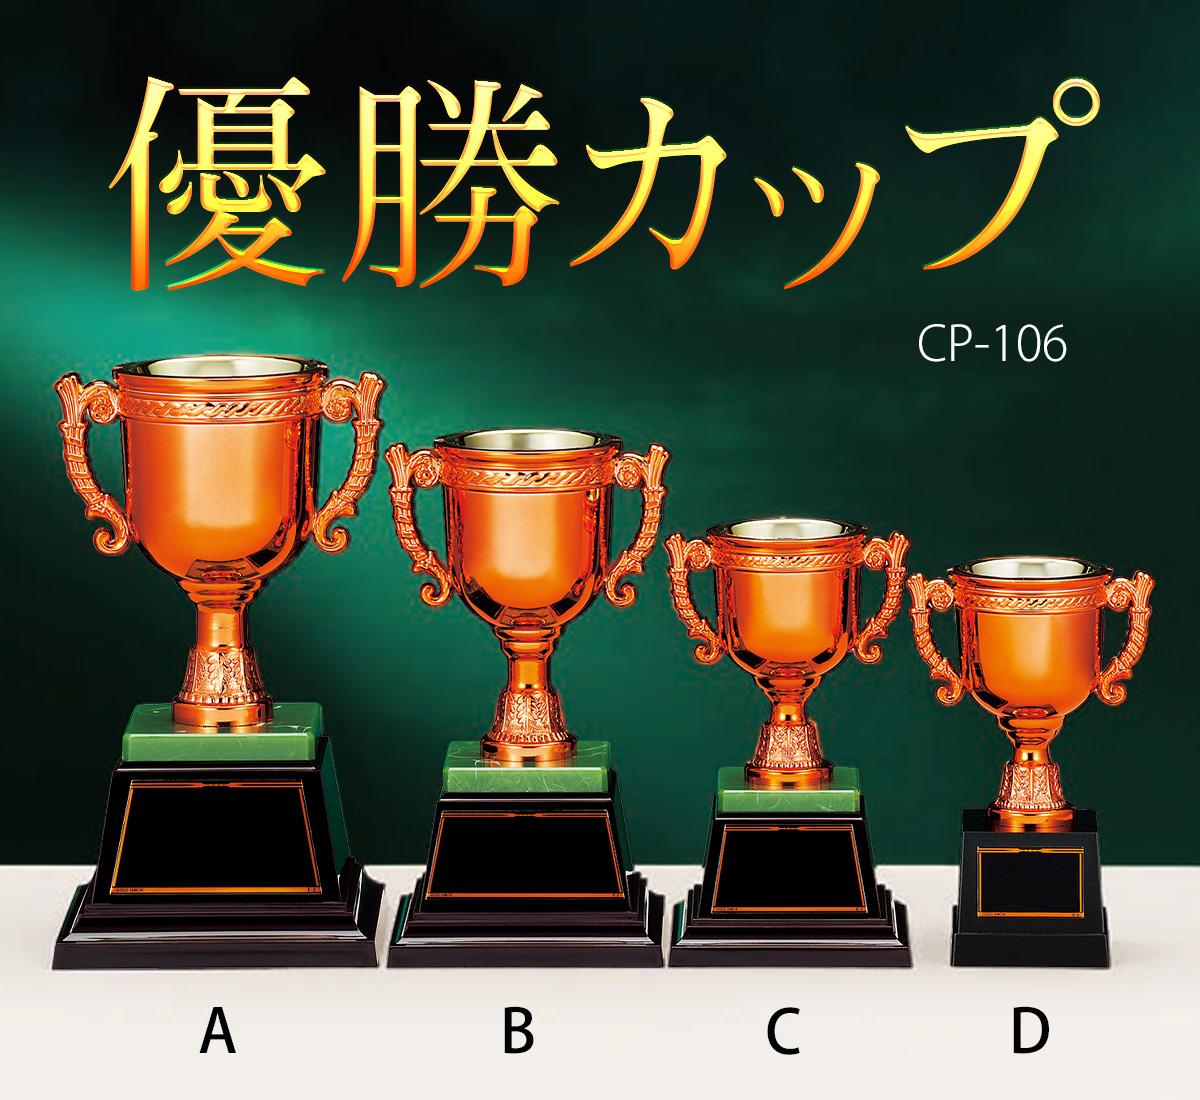 優勝カップ CP-106画像